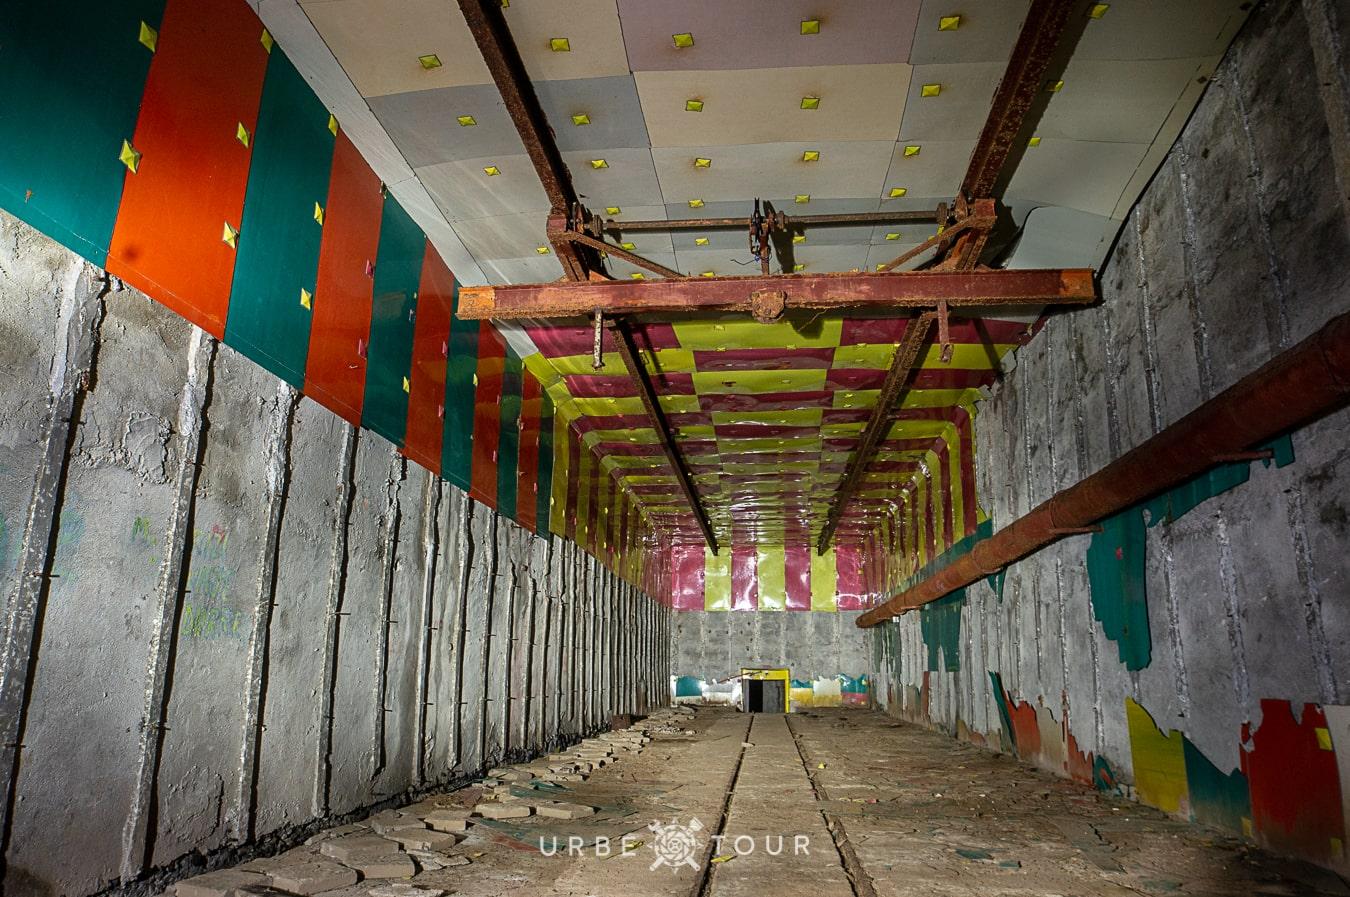 porto-palermo-submarine-base-albania-11-1 Подземная база для подводных лодок в Порто Палермо, Албания